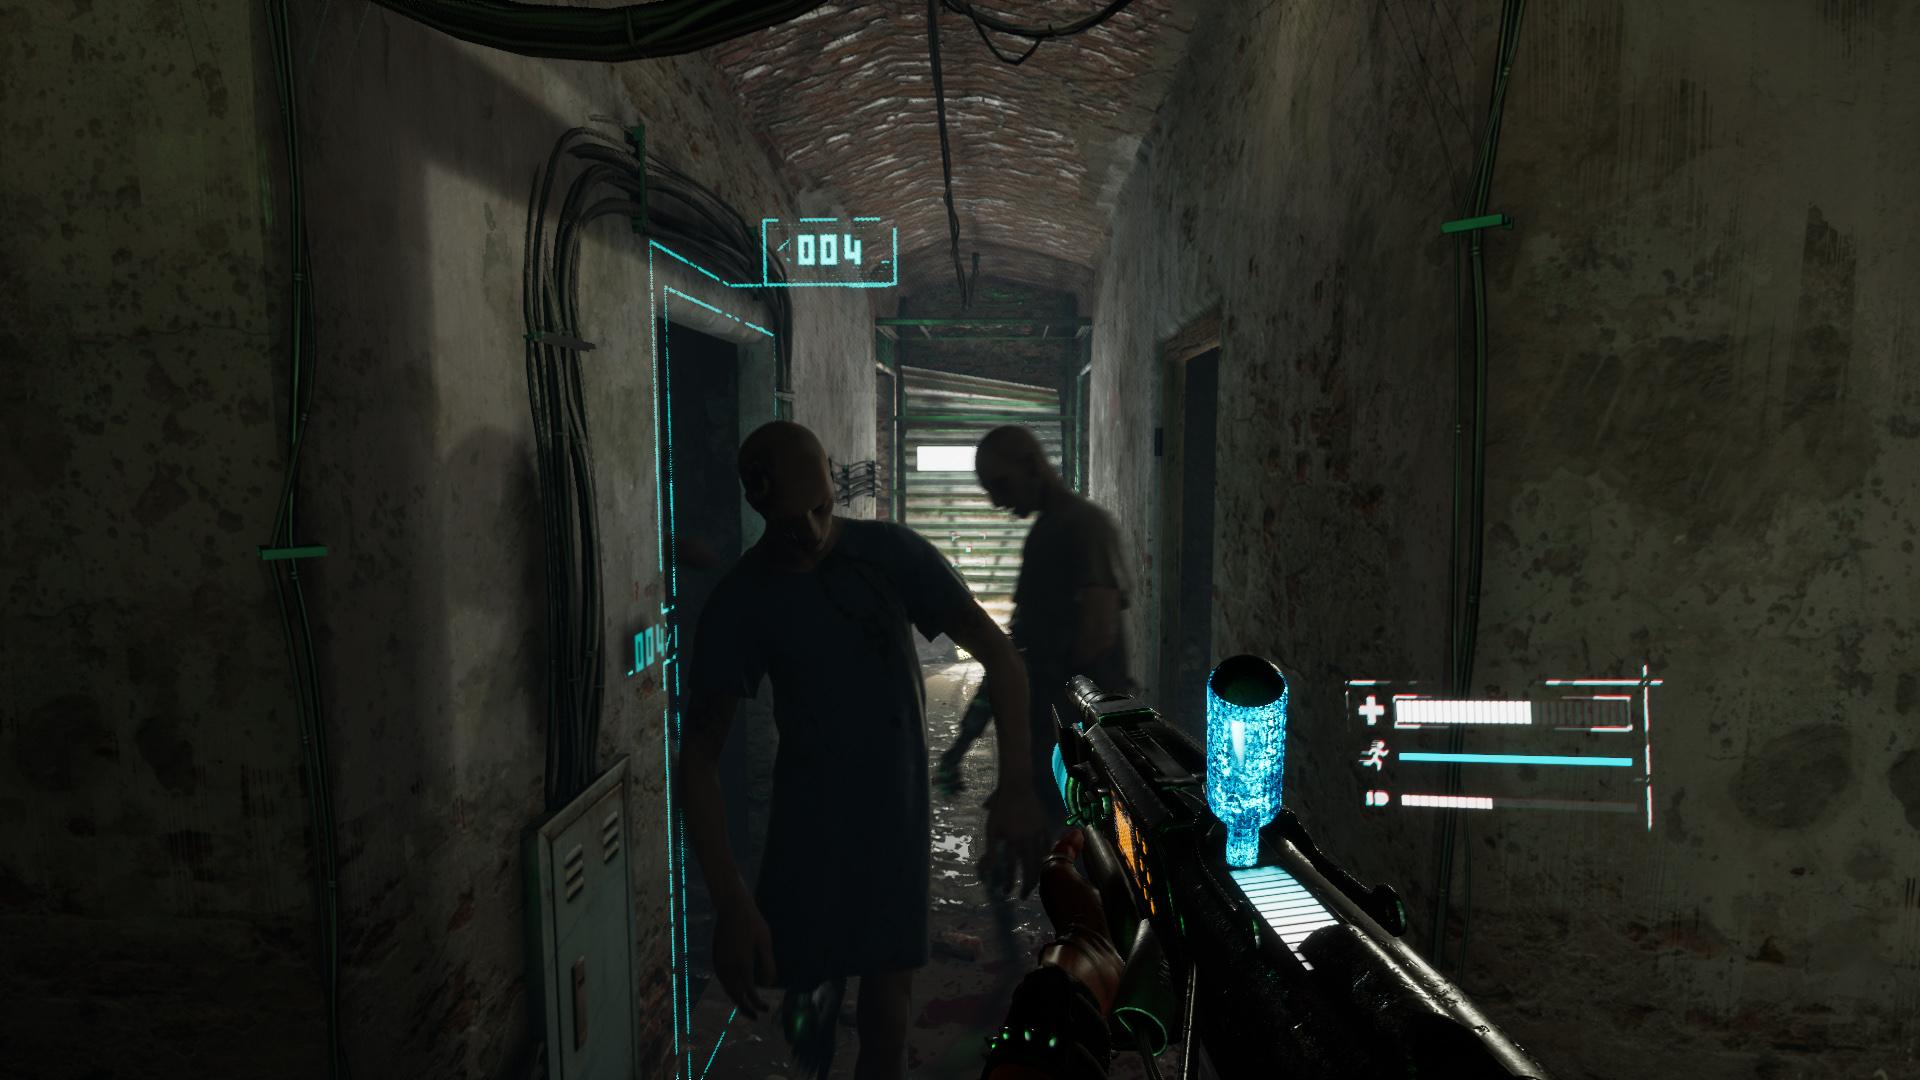 赛博朋克射击新作《2084》公布 恐怖场景吓坏小朋友